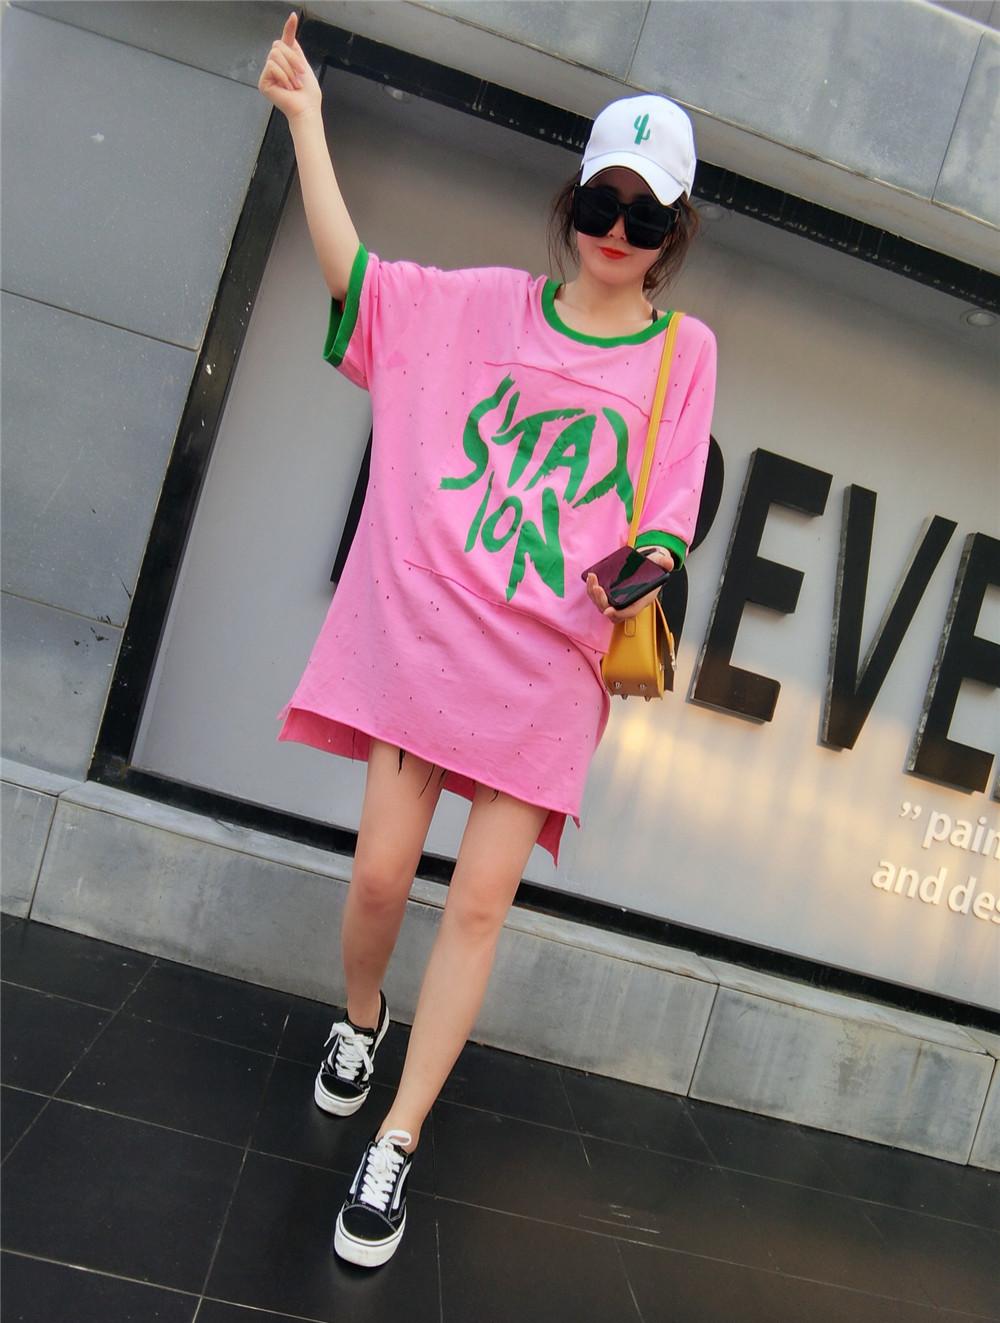 个性t恤 2018新款韩国夏季女装字母印花T恤时尚个性中长款韩范短袖上衣女_推荐淘宝好看的女个性t恤